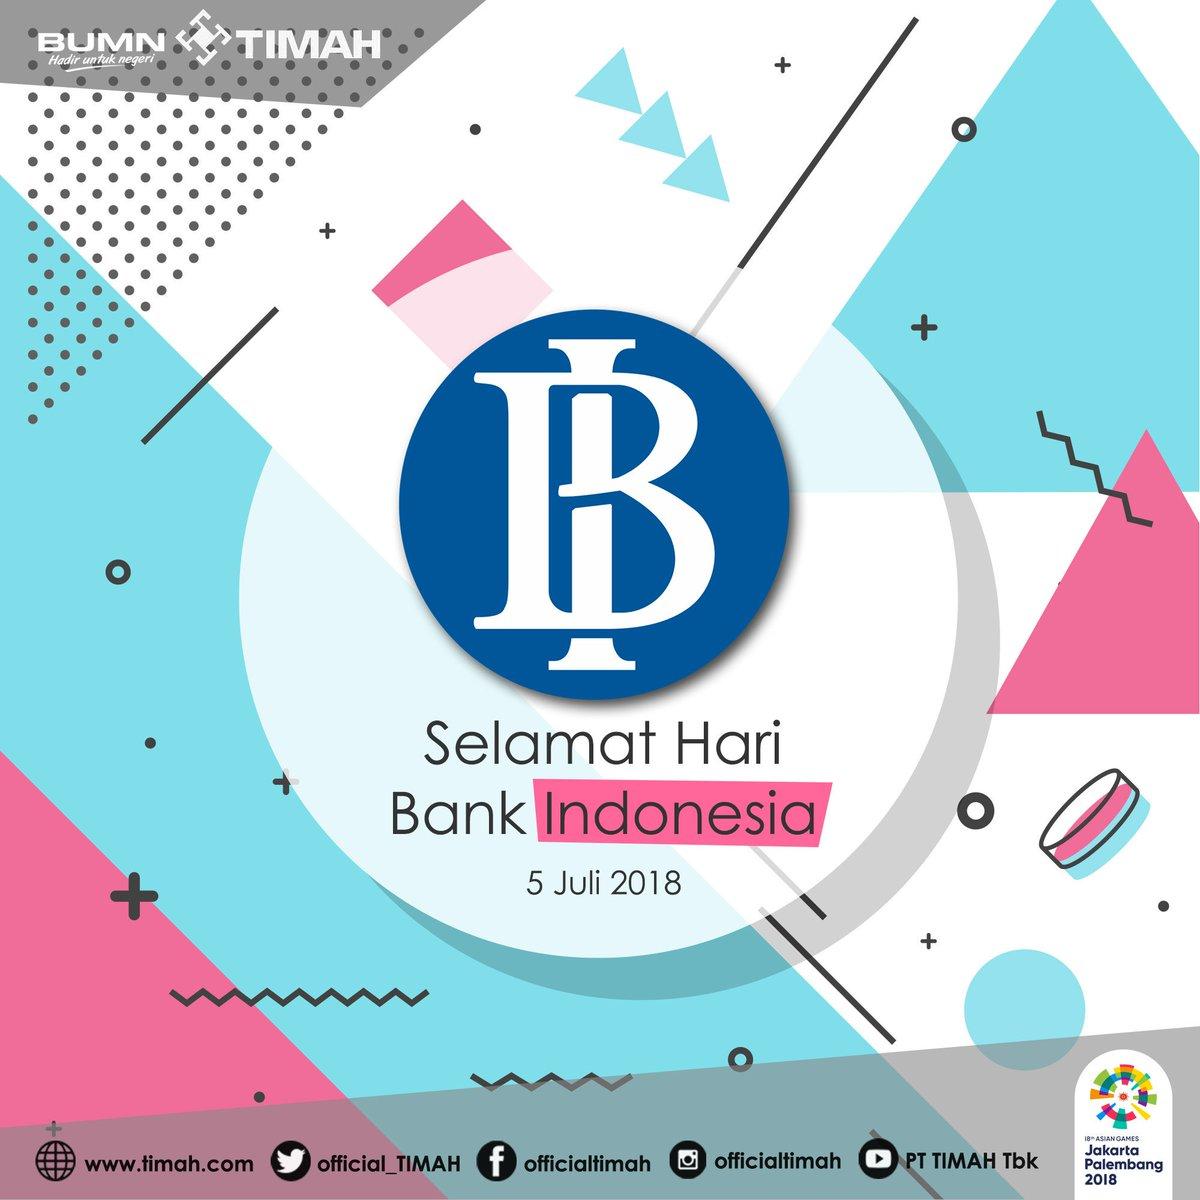 Selamat Hari Bank Indonesia. Semoga perbankan Nasional semakin maju dan kokoh. #HariBankIndonesia